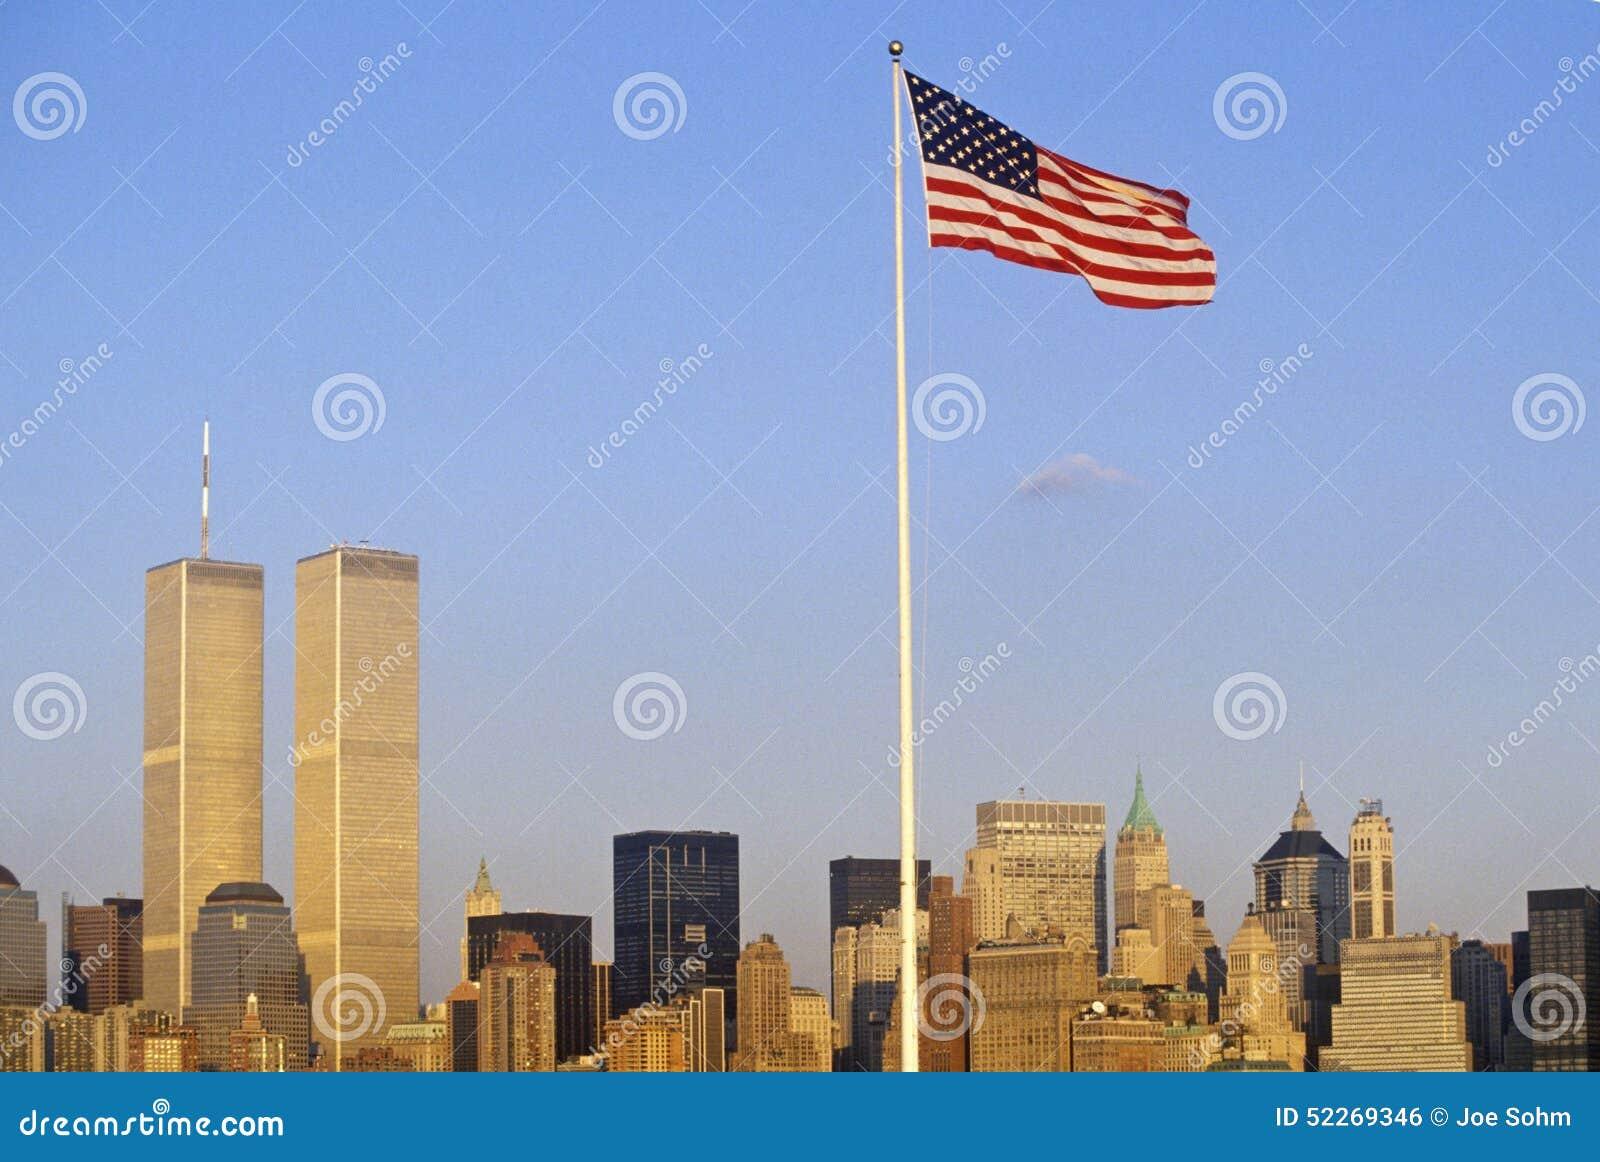 Bandera americana que vuela sobre el horizonte de New York City del puerto de Nueva York, NY